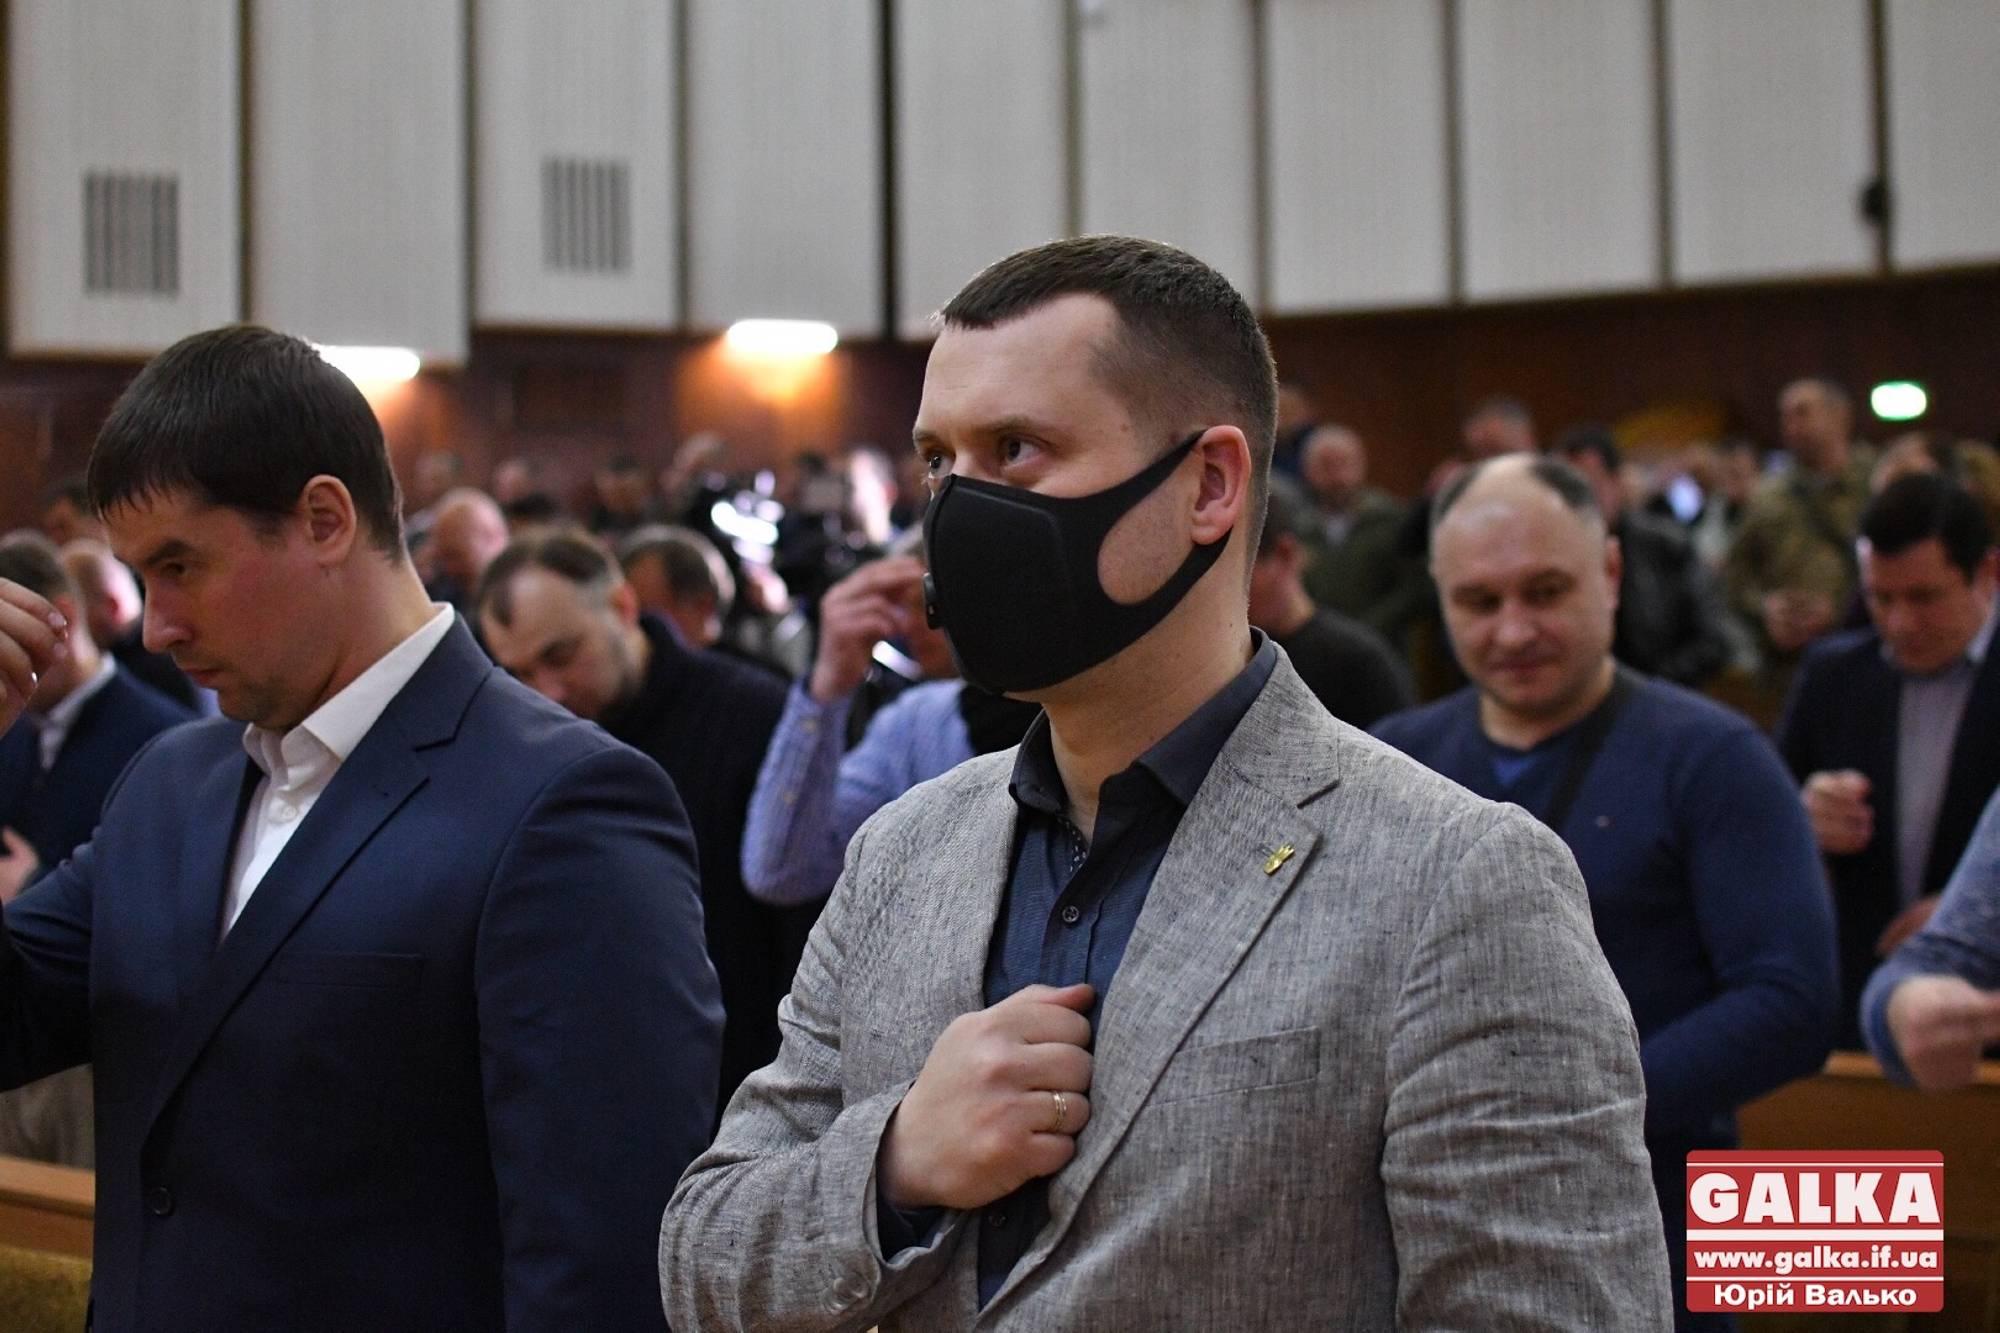 Рукостискання, обійми, вітання ліктями: як здоровкалися депутати міськради (ФОТО)